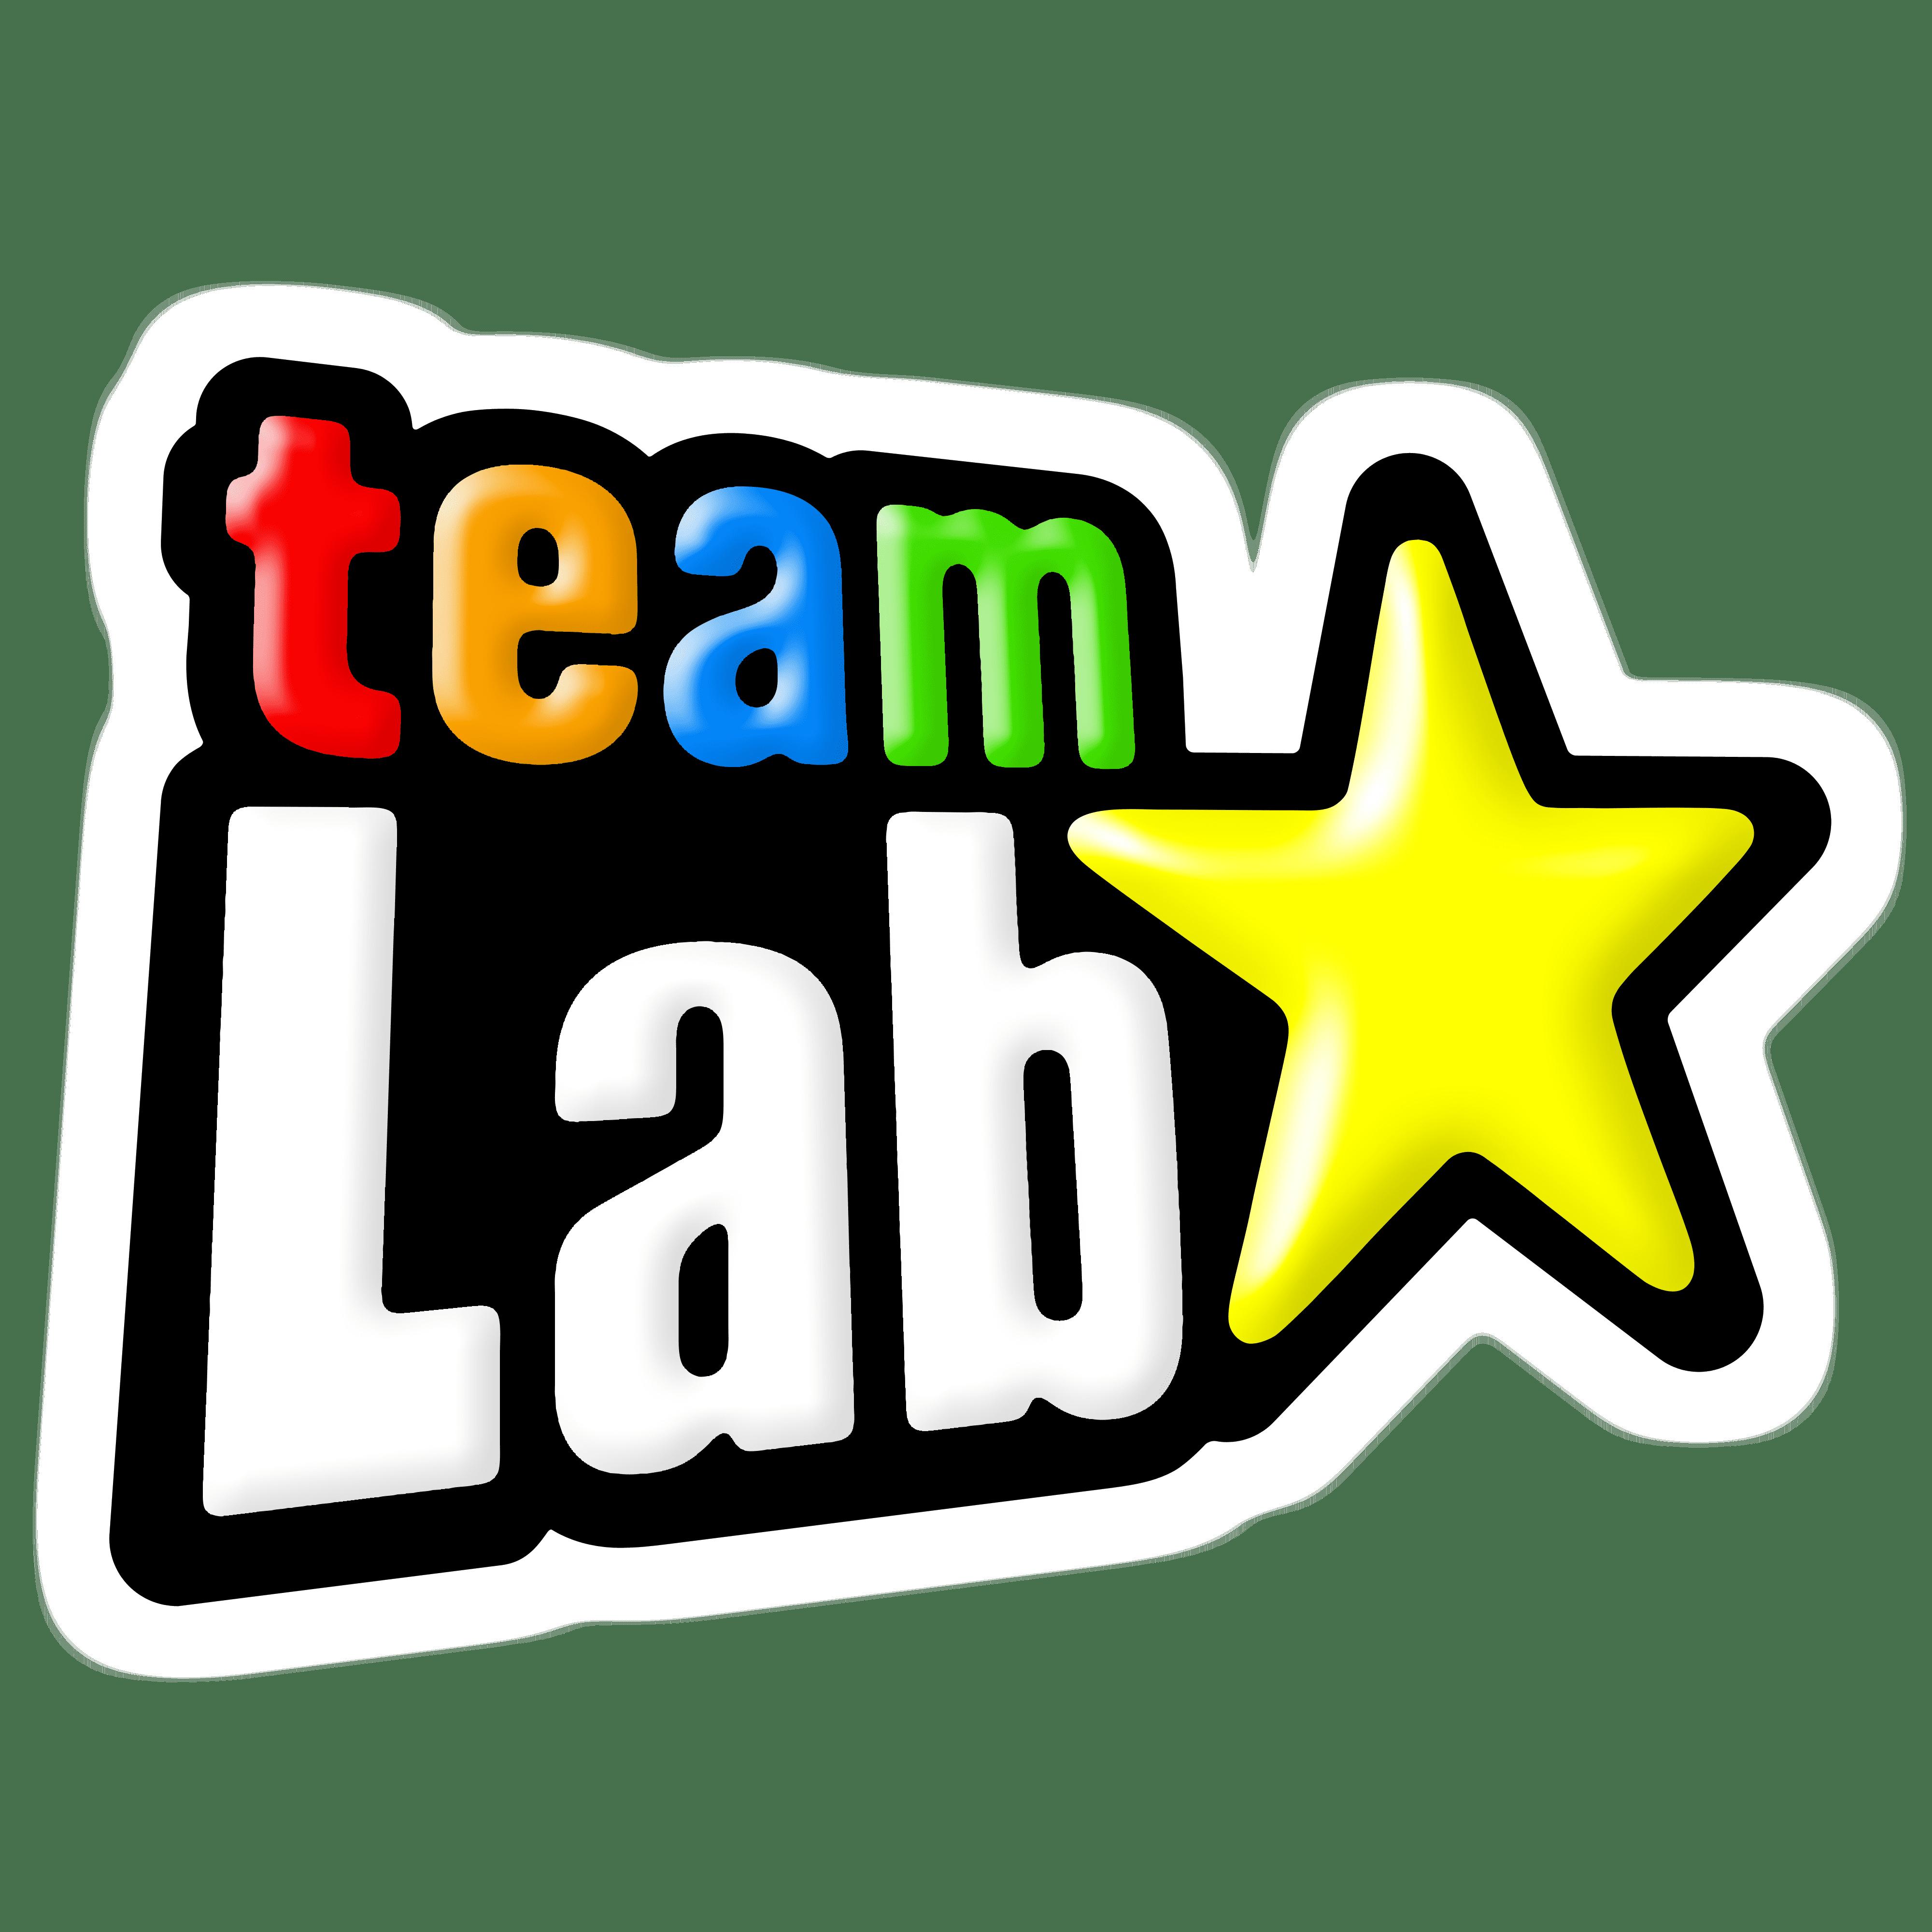 チームラボ株式会社ロゴ